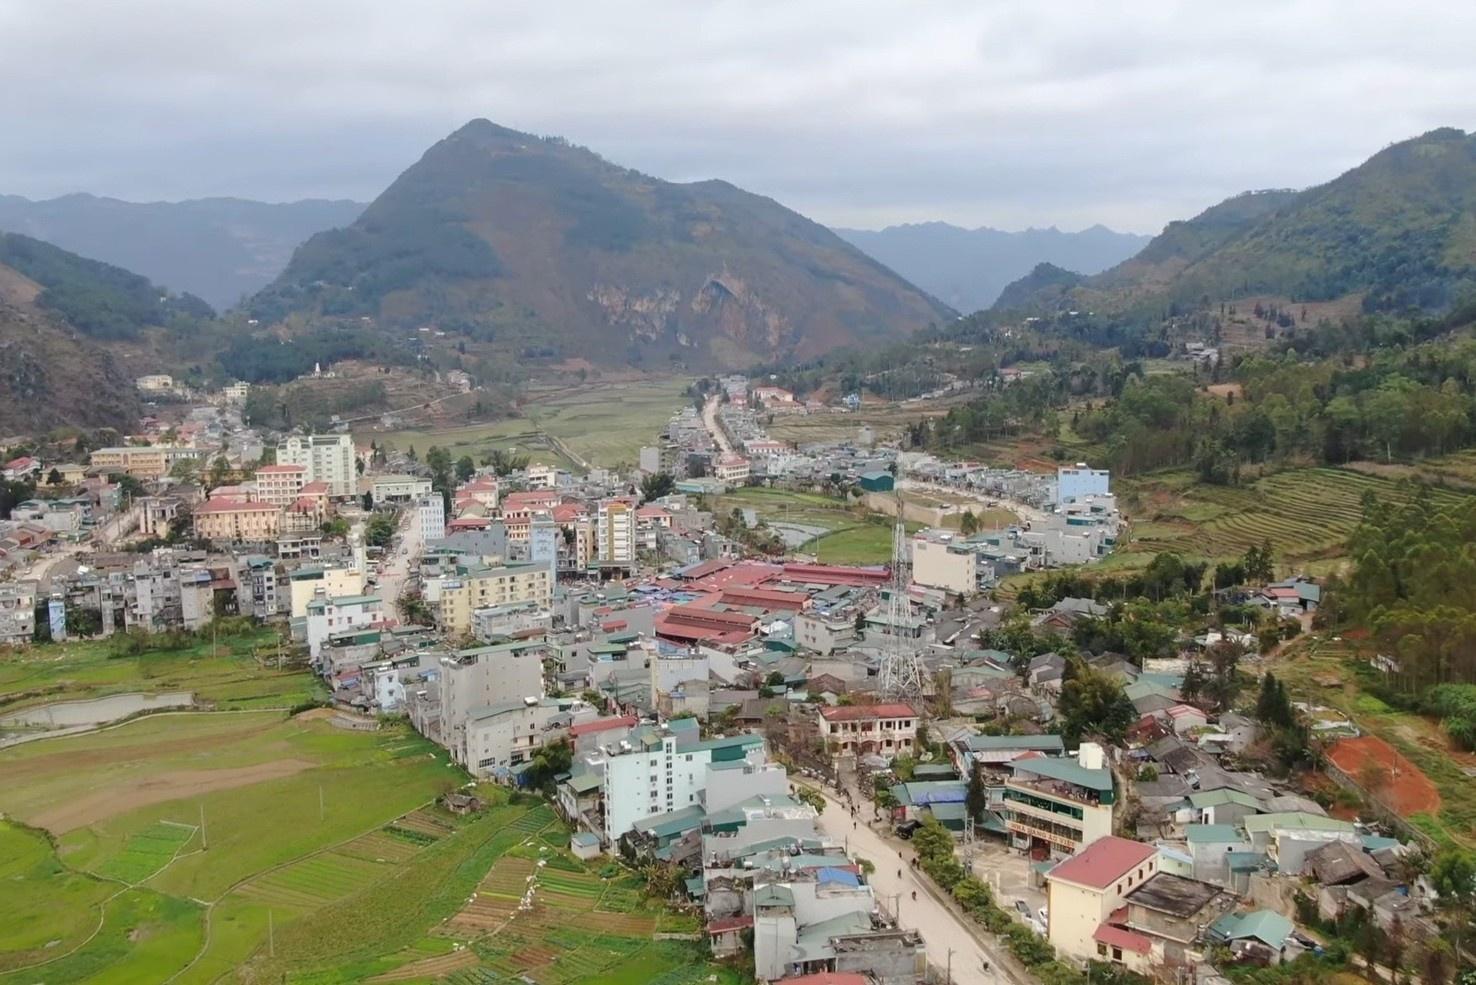 Thị trấn vùng Tây Bắc yên bình giữa cao nguyên đá